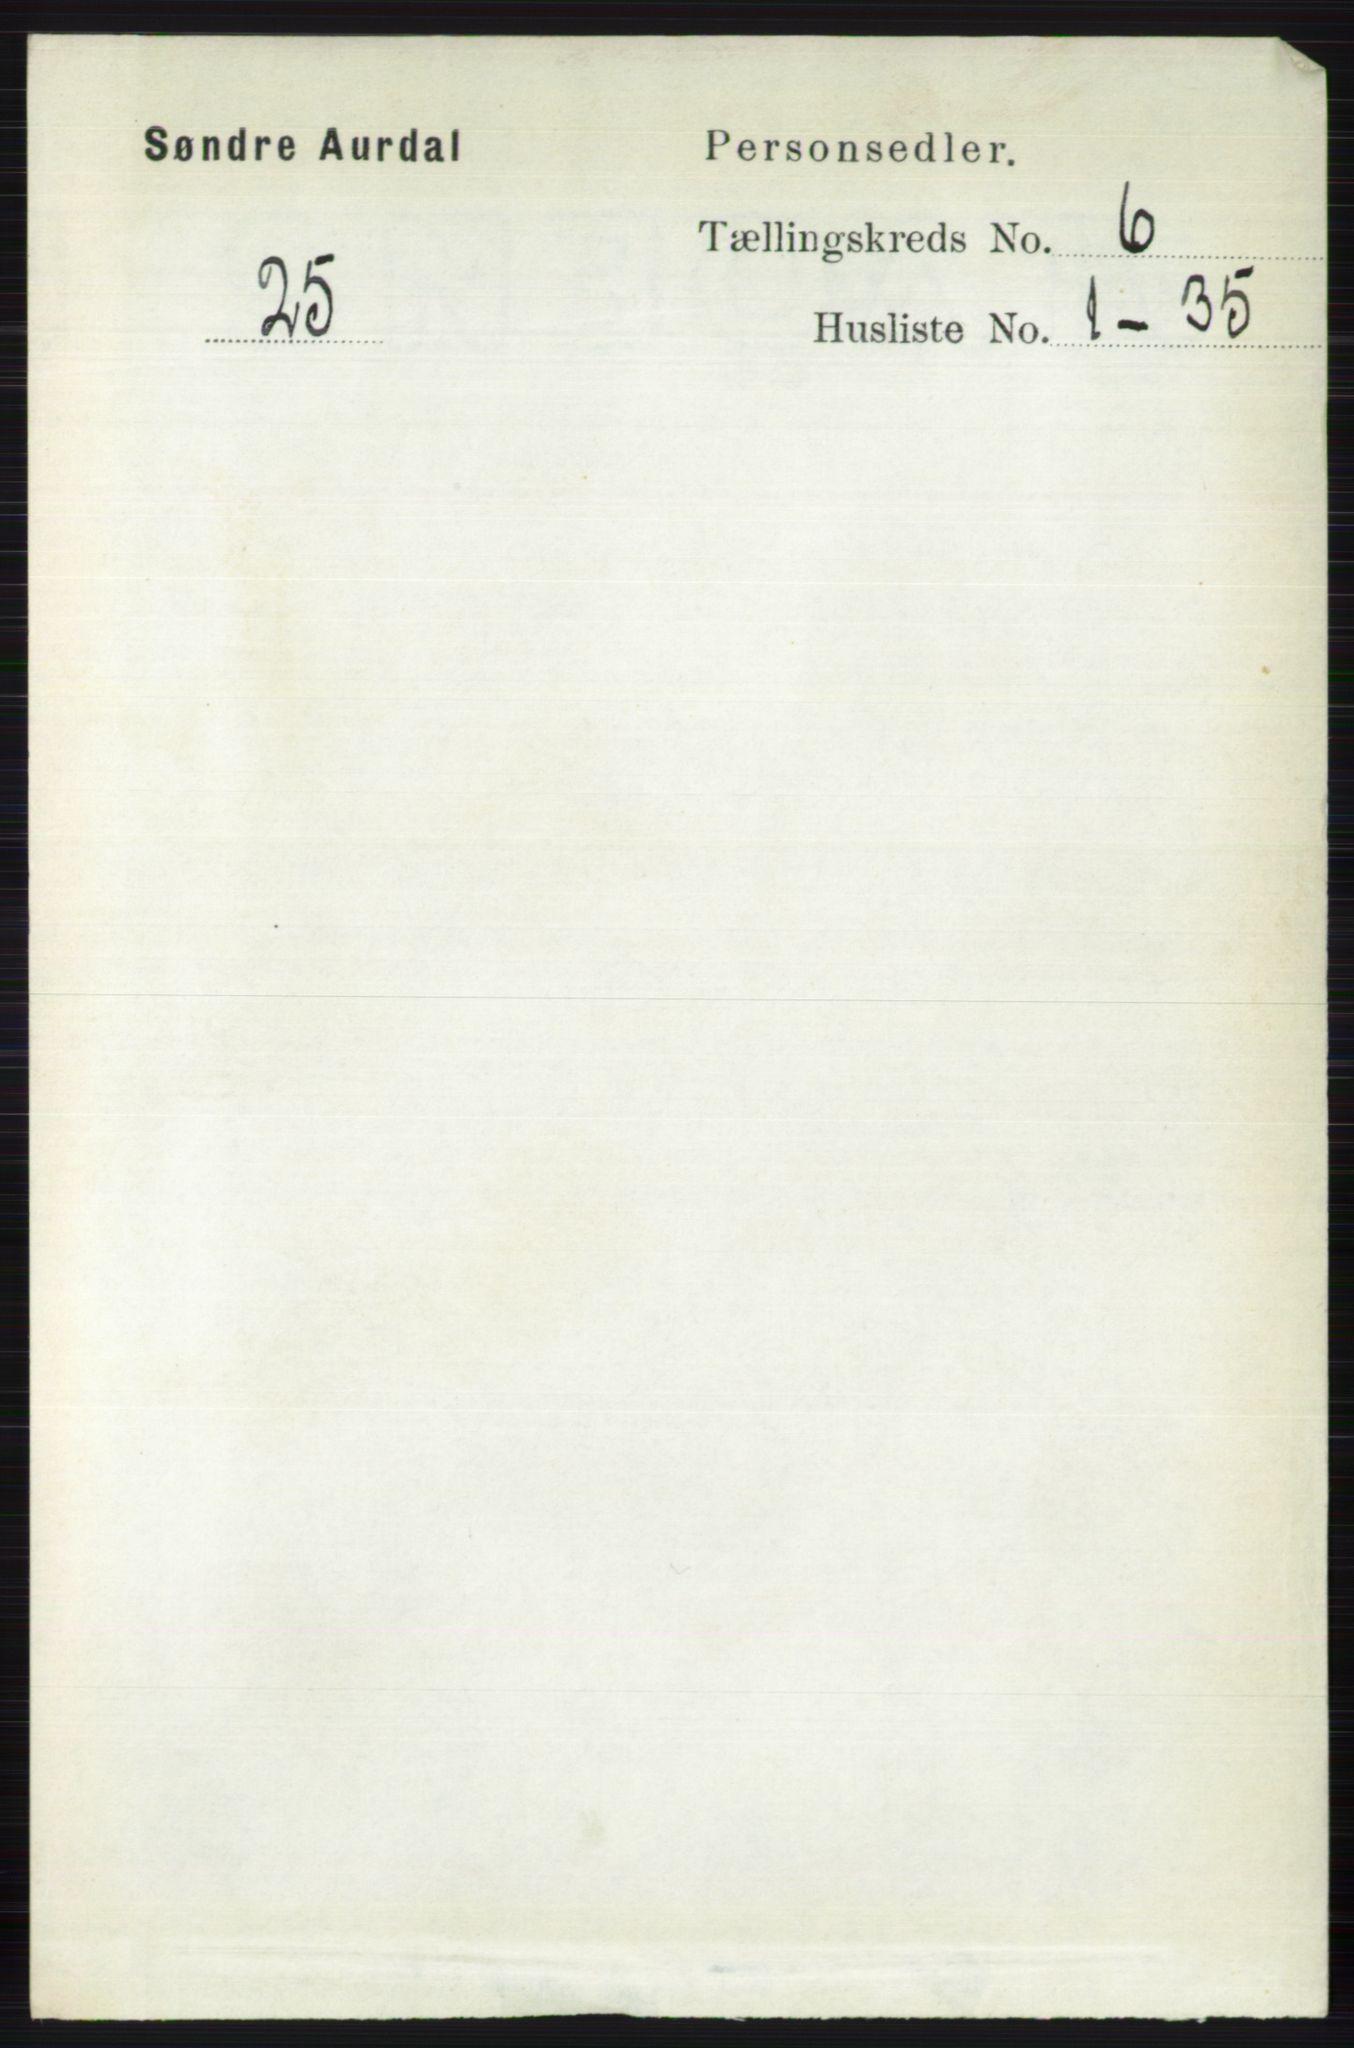 RA, Folketelling 1891 for 0540 Sør-Aurdal herred, 1891, s. 3810